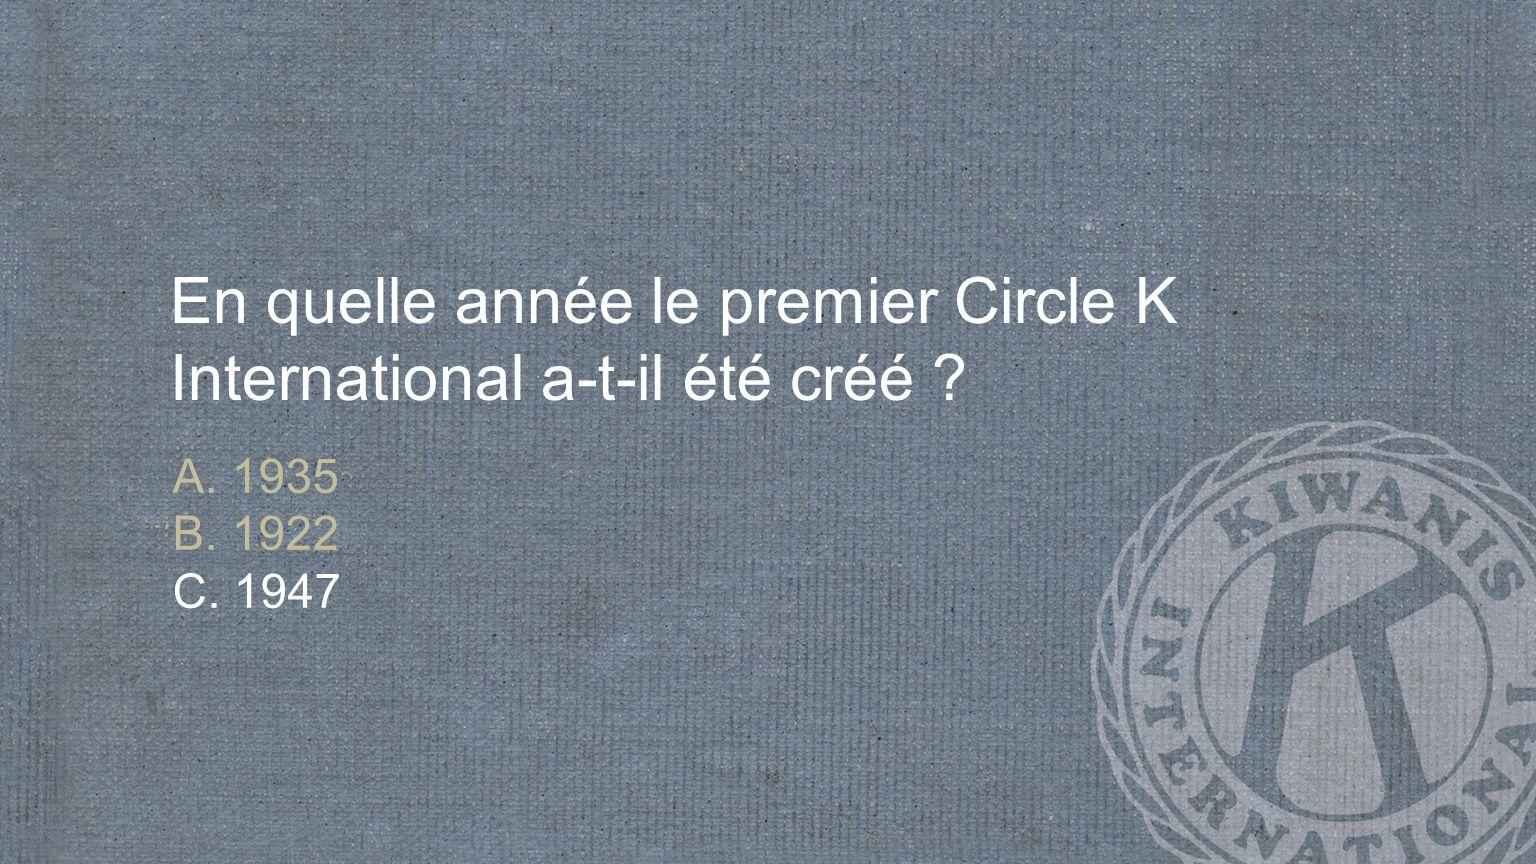 En quelle année le premier Circle K International a-t-il été créé A. 1935 B. 1922 C. 1947